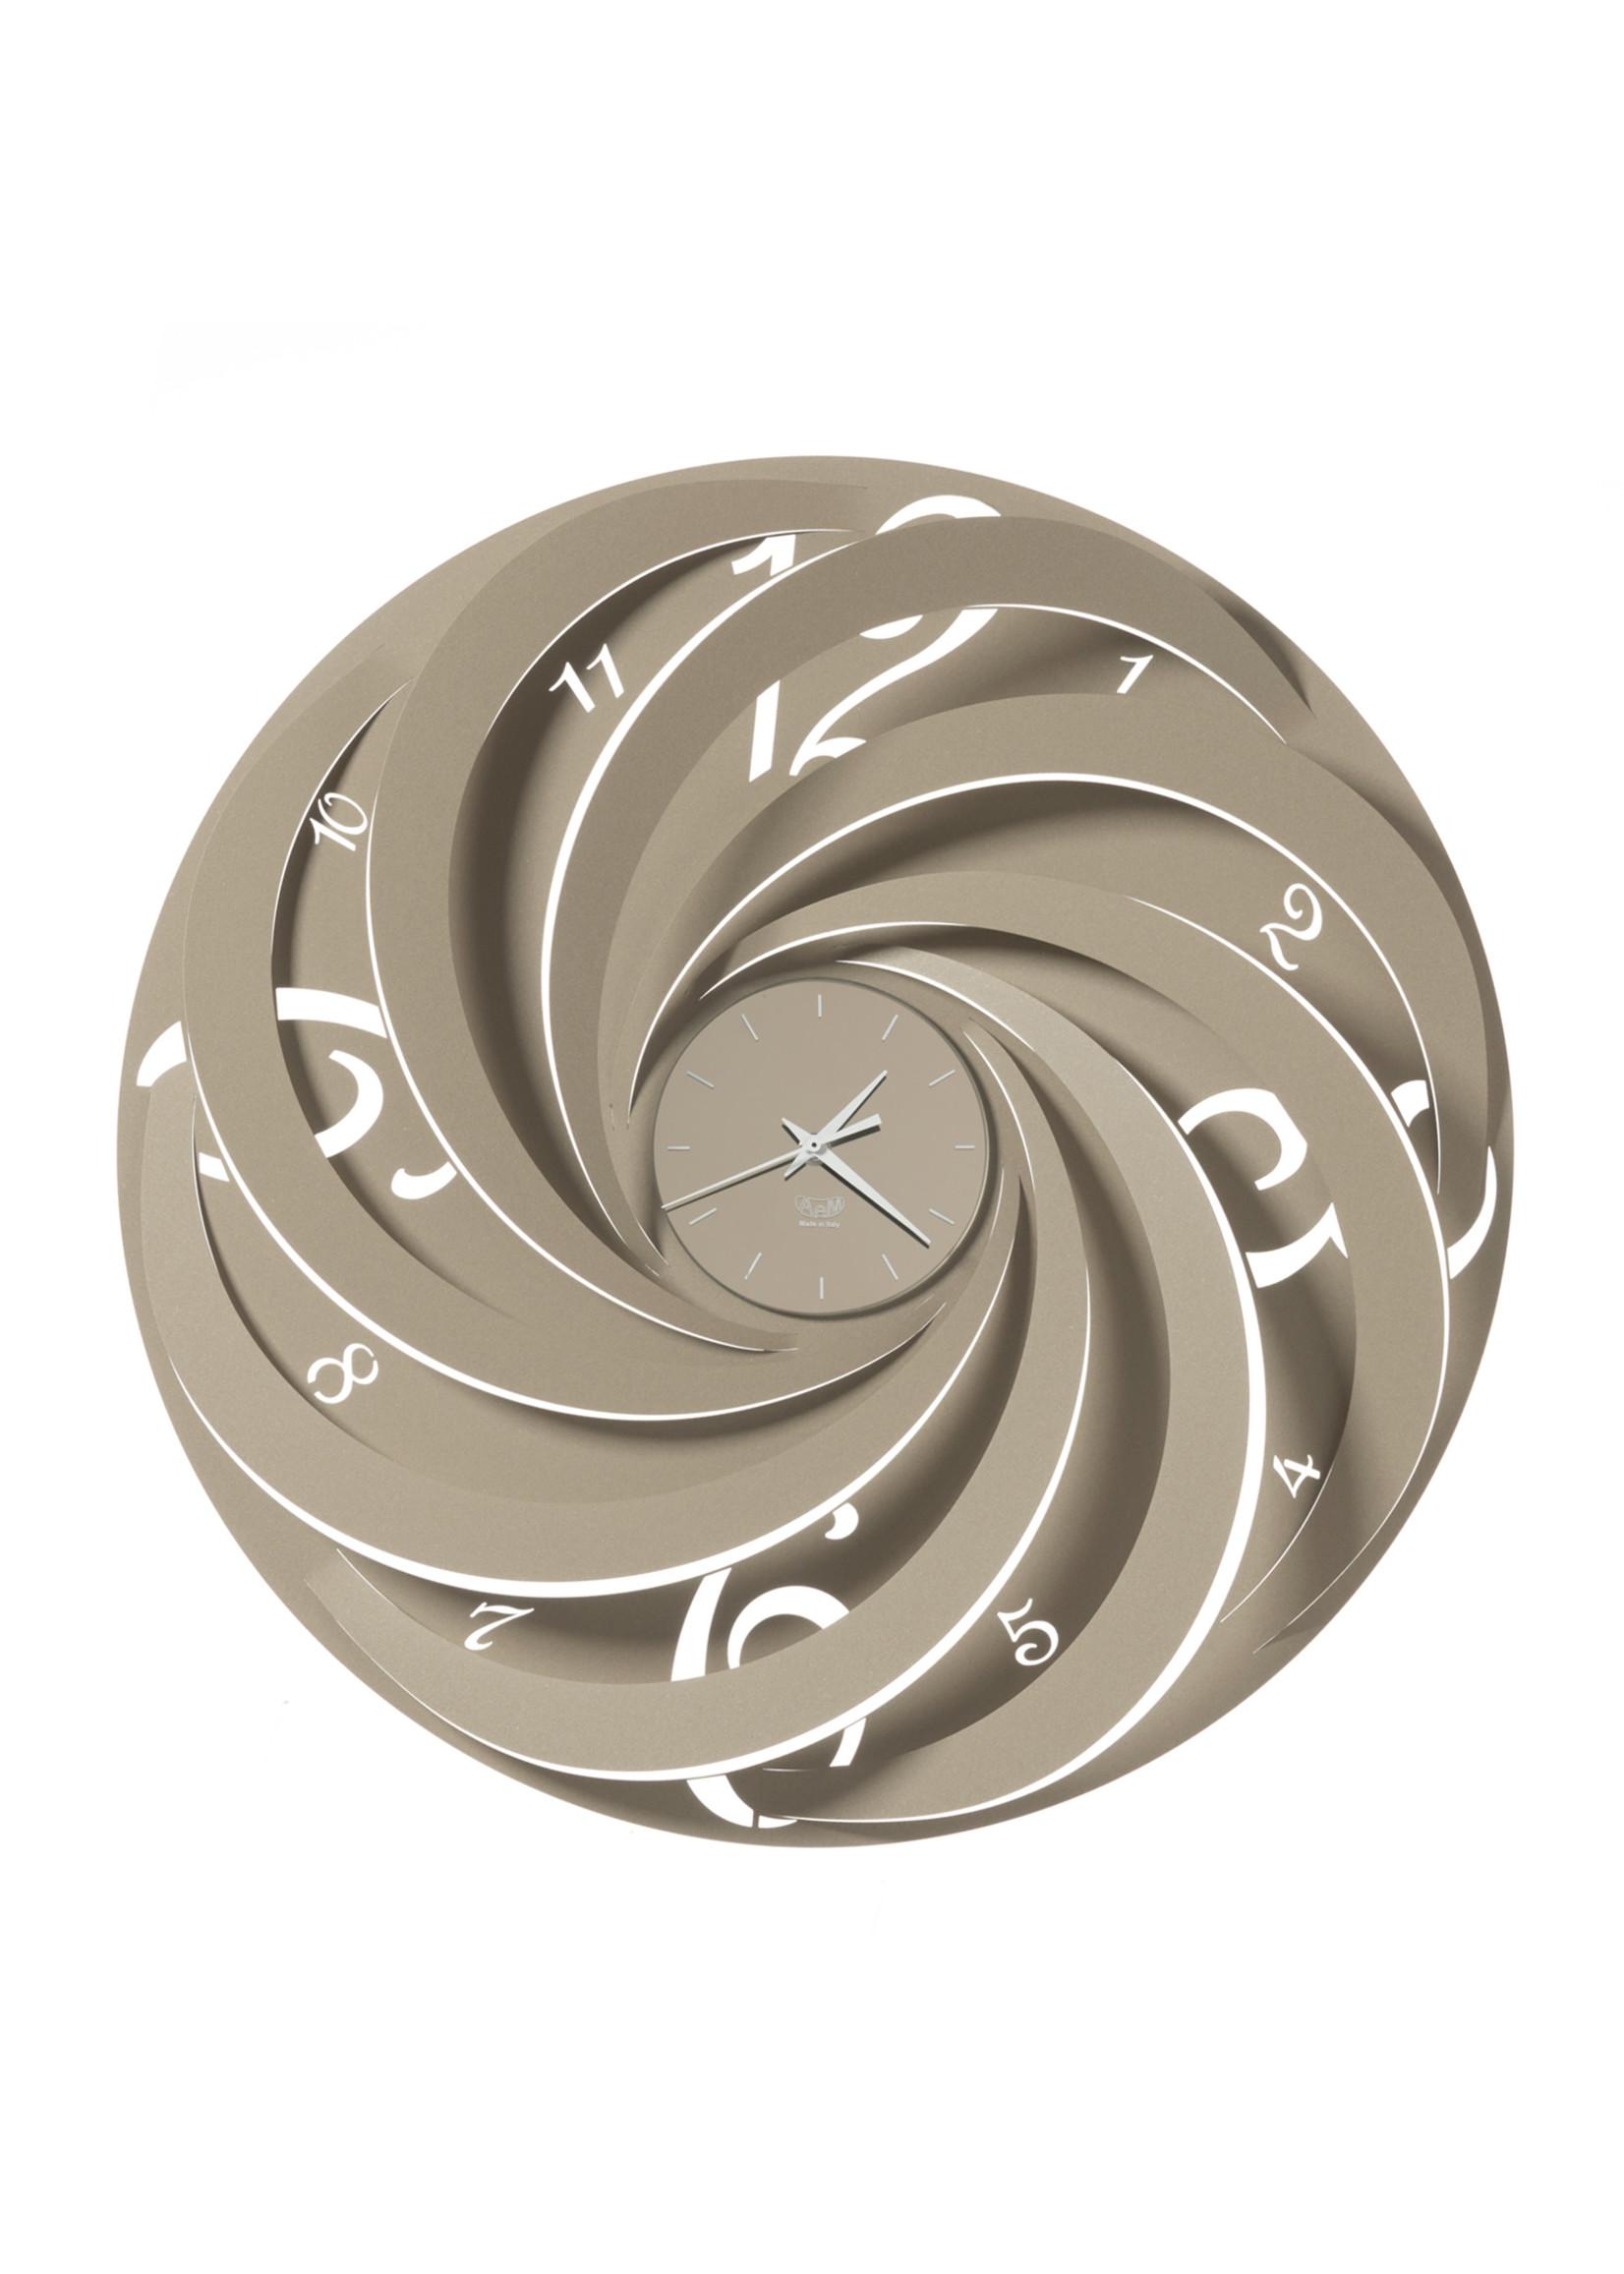 Arti & Mestieri Wandklok Italiaans Design Vortex 3572 c25 slate